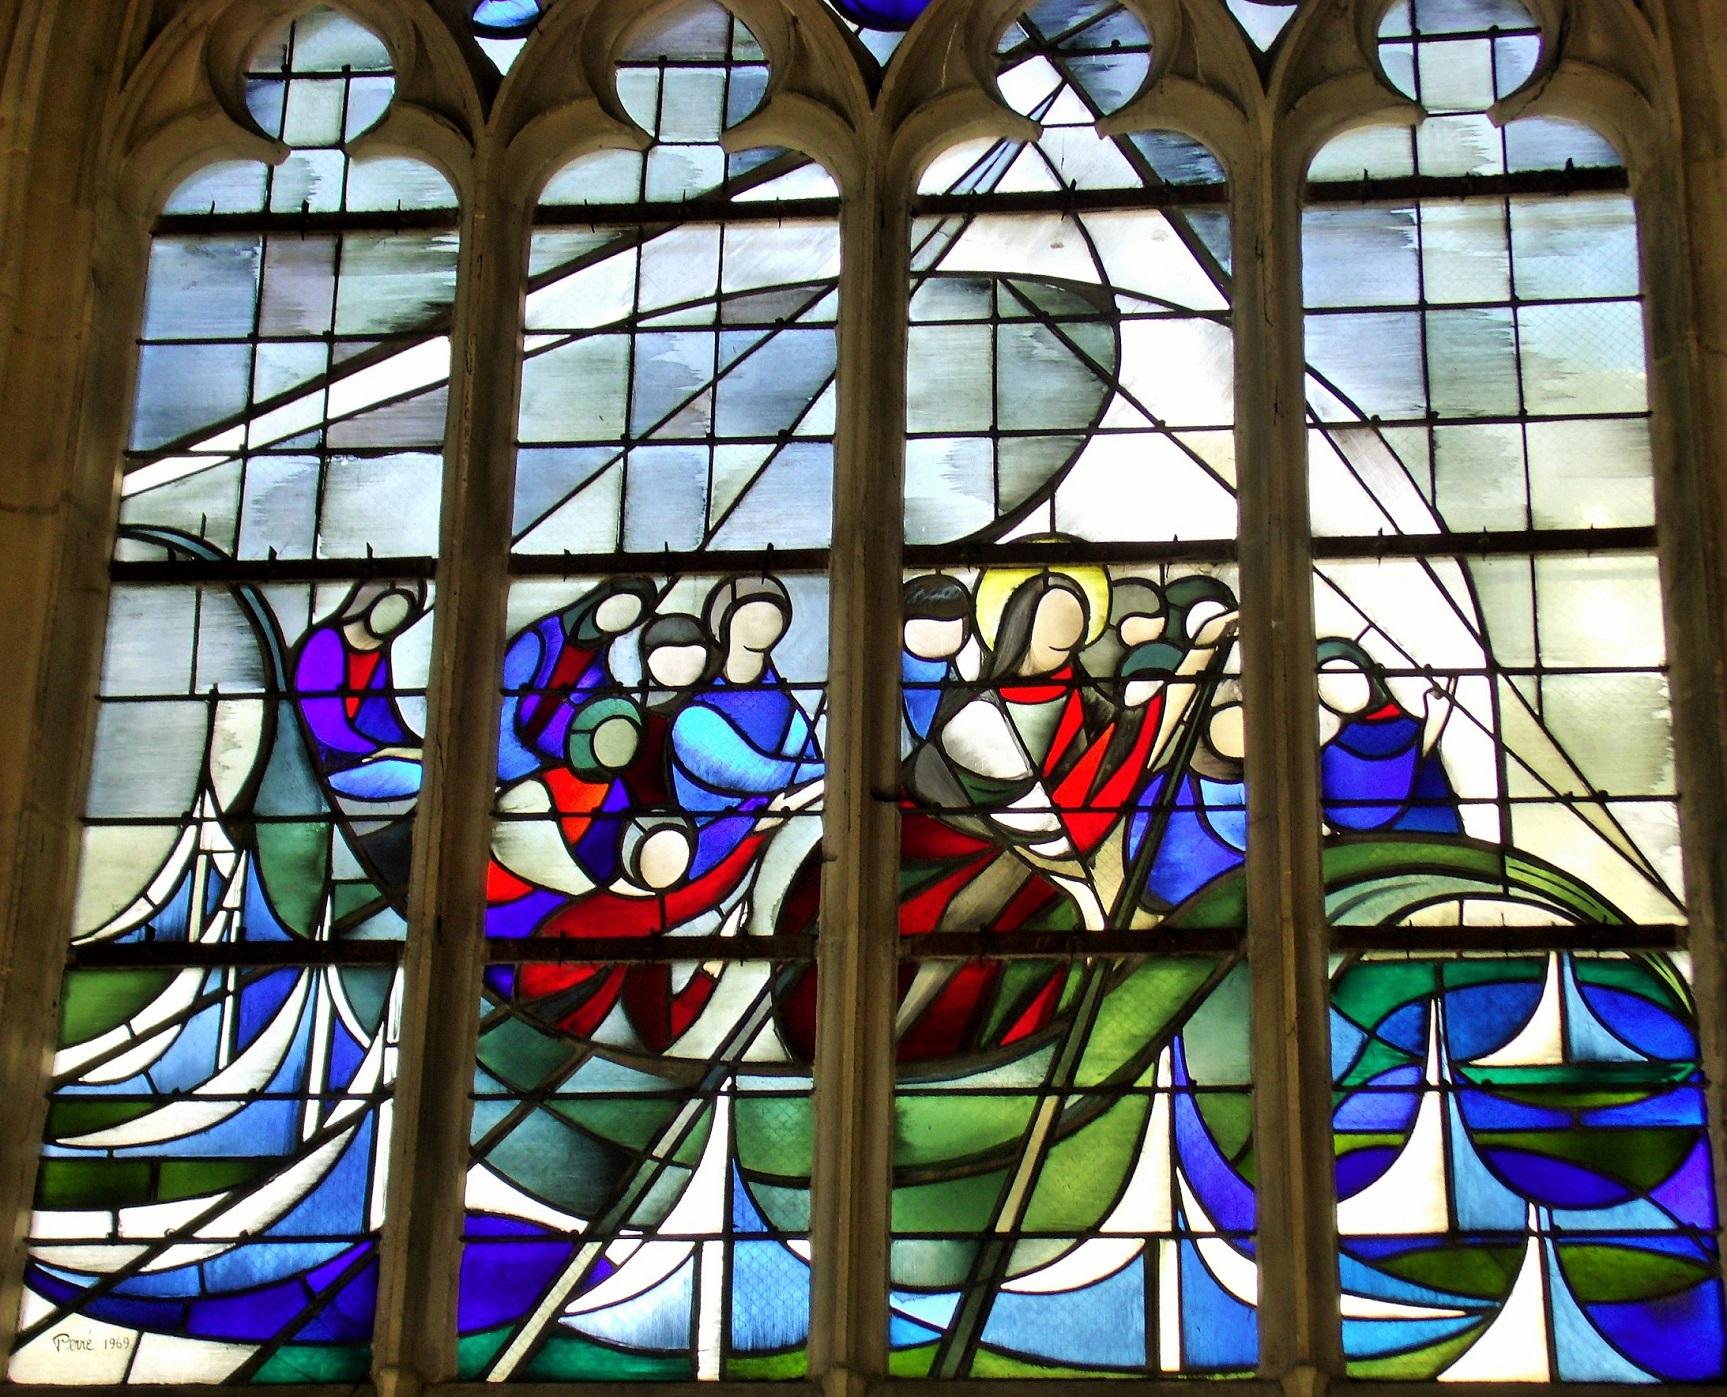 windows l'eglise Saint Jean Caen by Danièle Perre